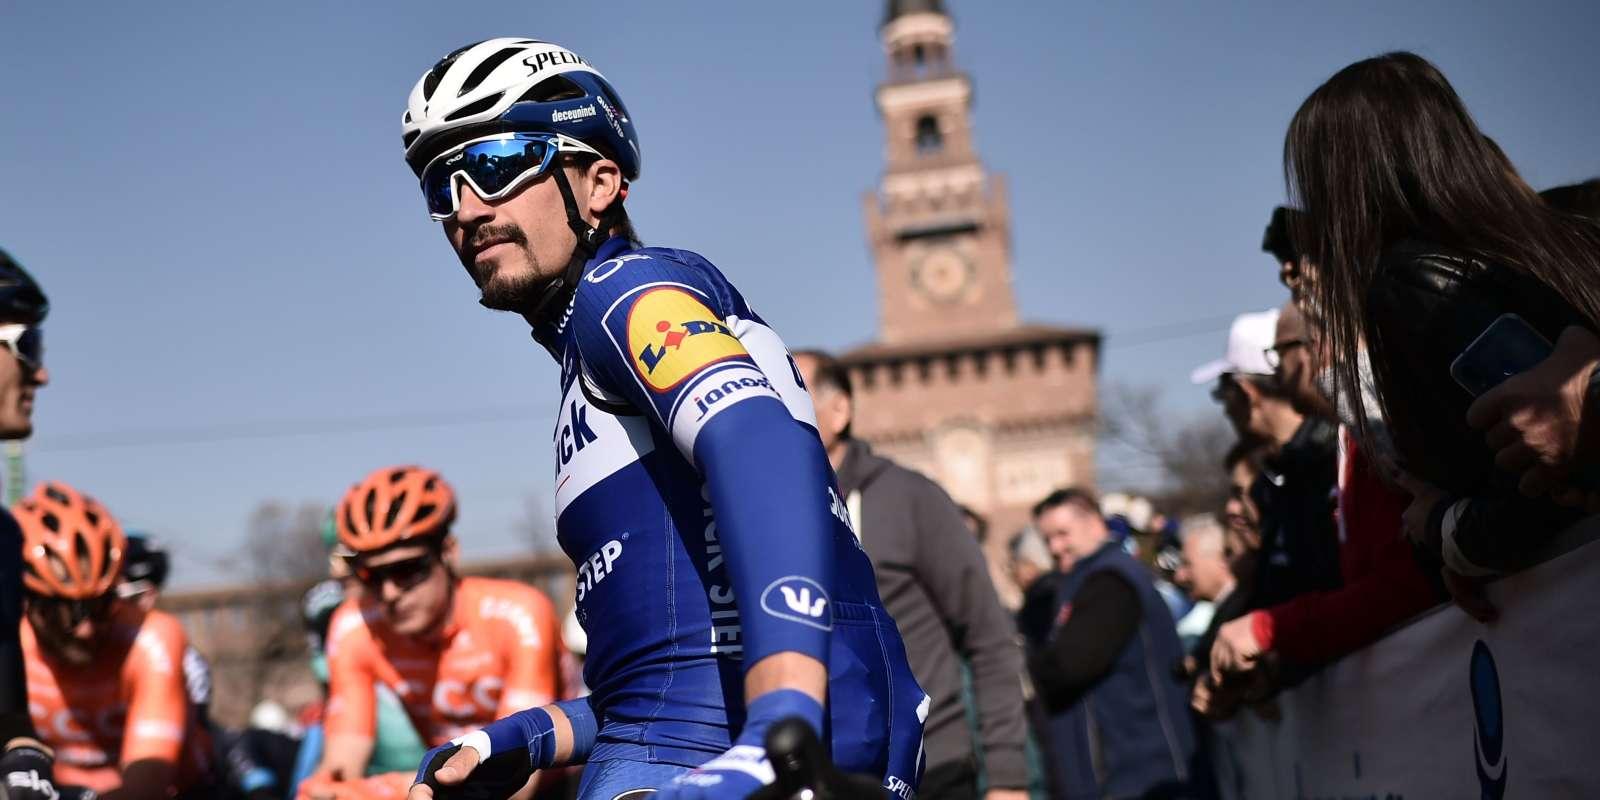 Julian Alaphilippe au départ de Milan - San Remo 2019.